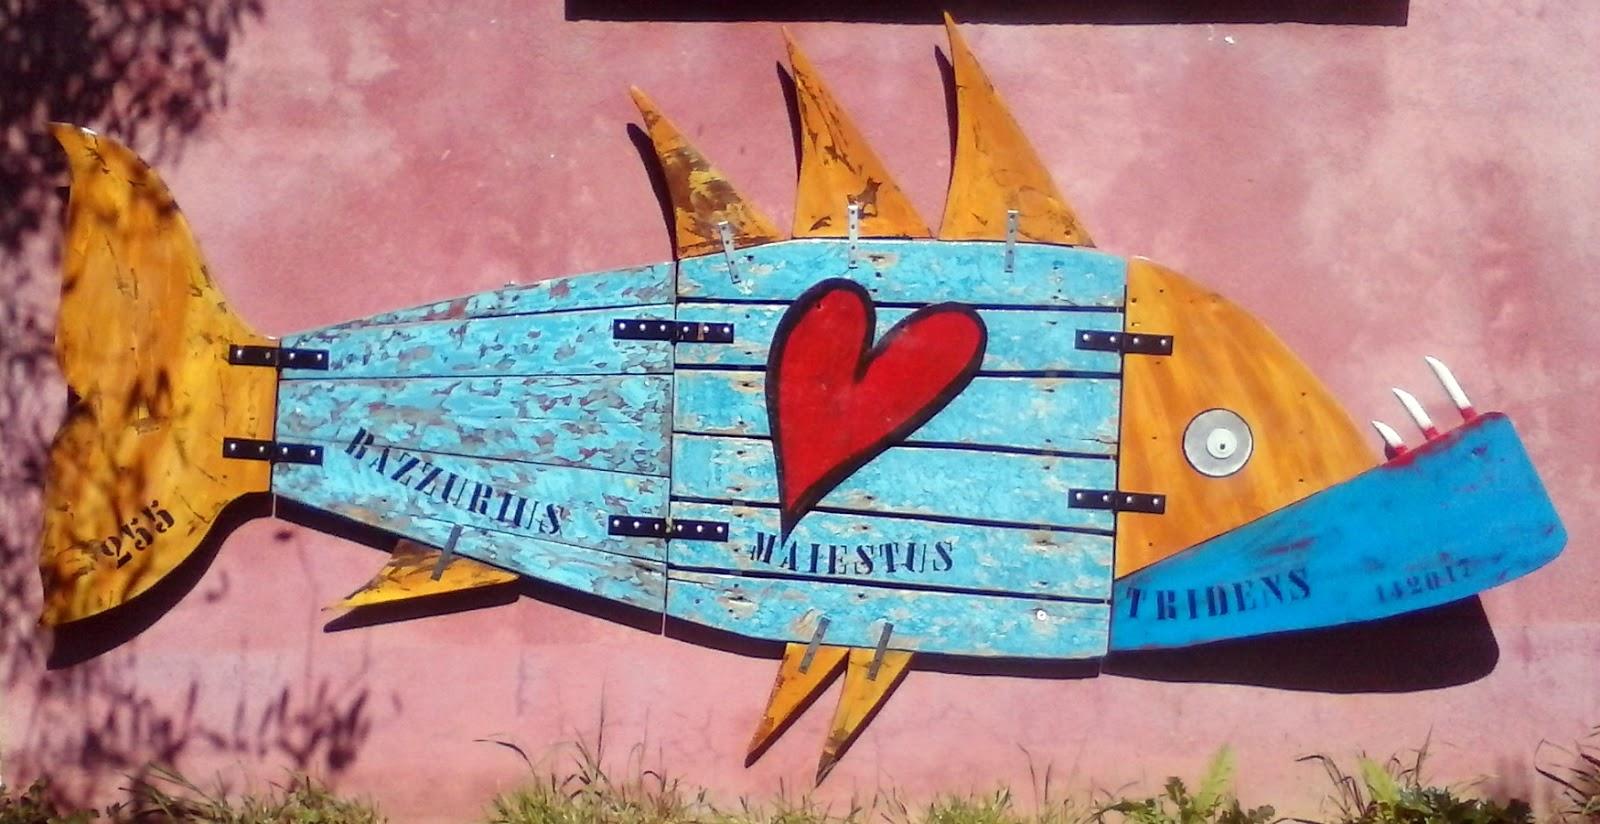 Immagini di pesci colorati for Disegni da colorare pesci tropicali